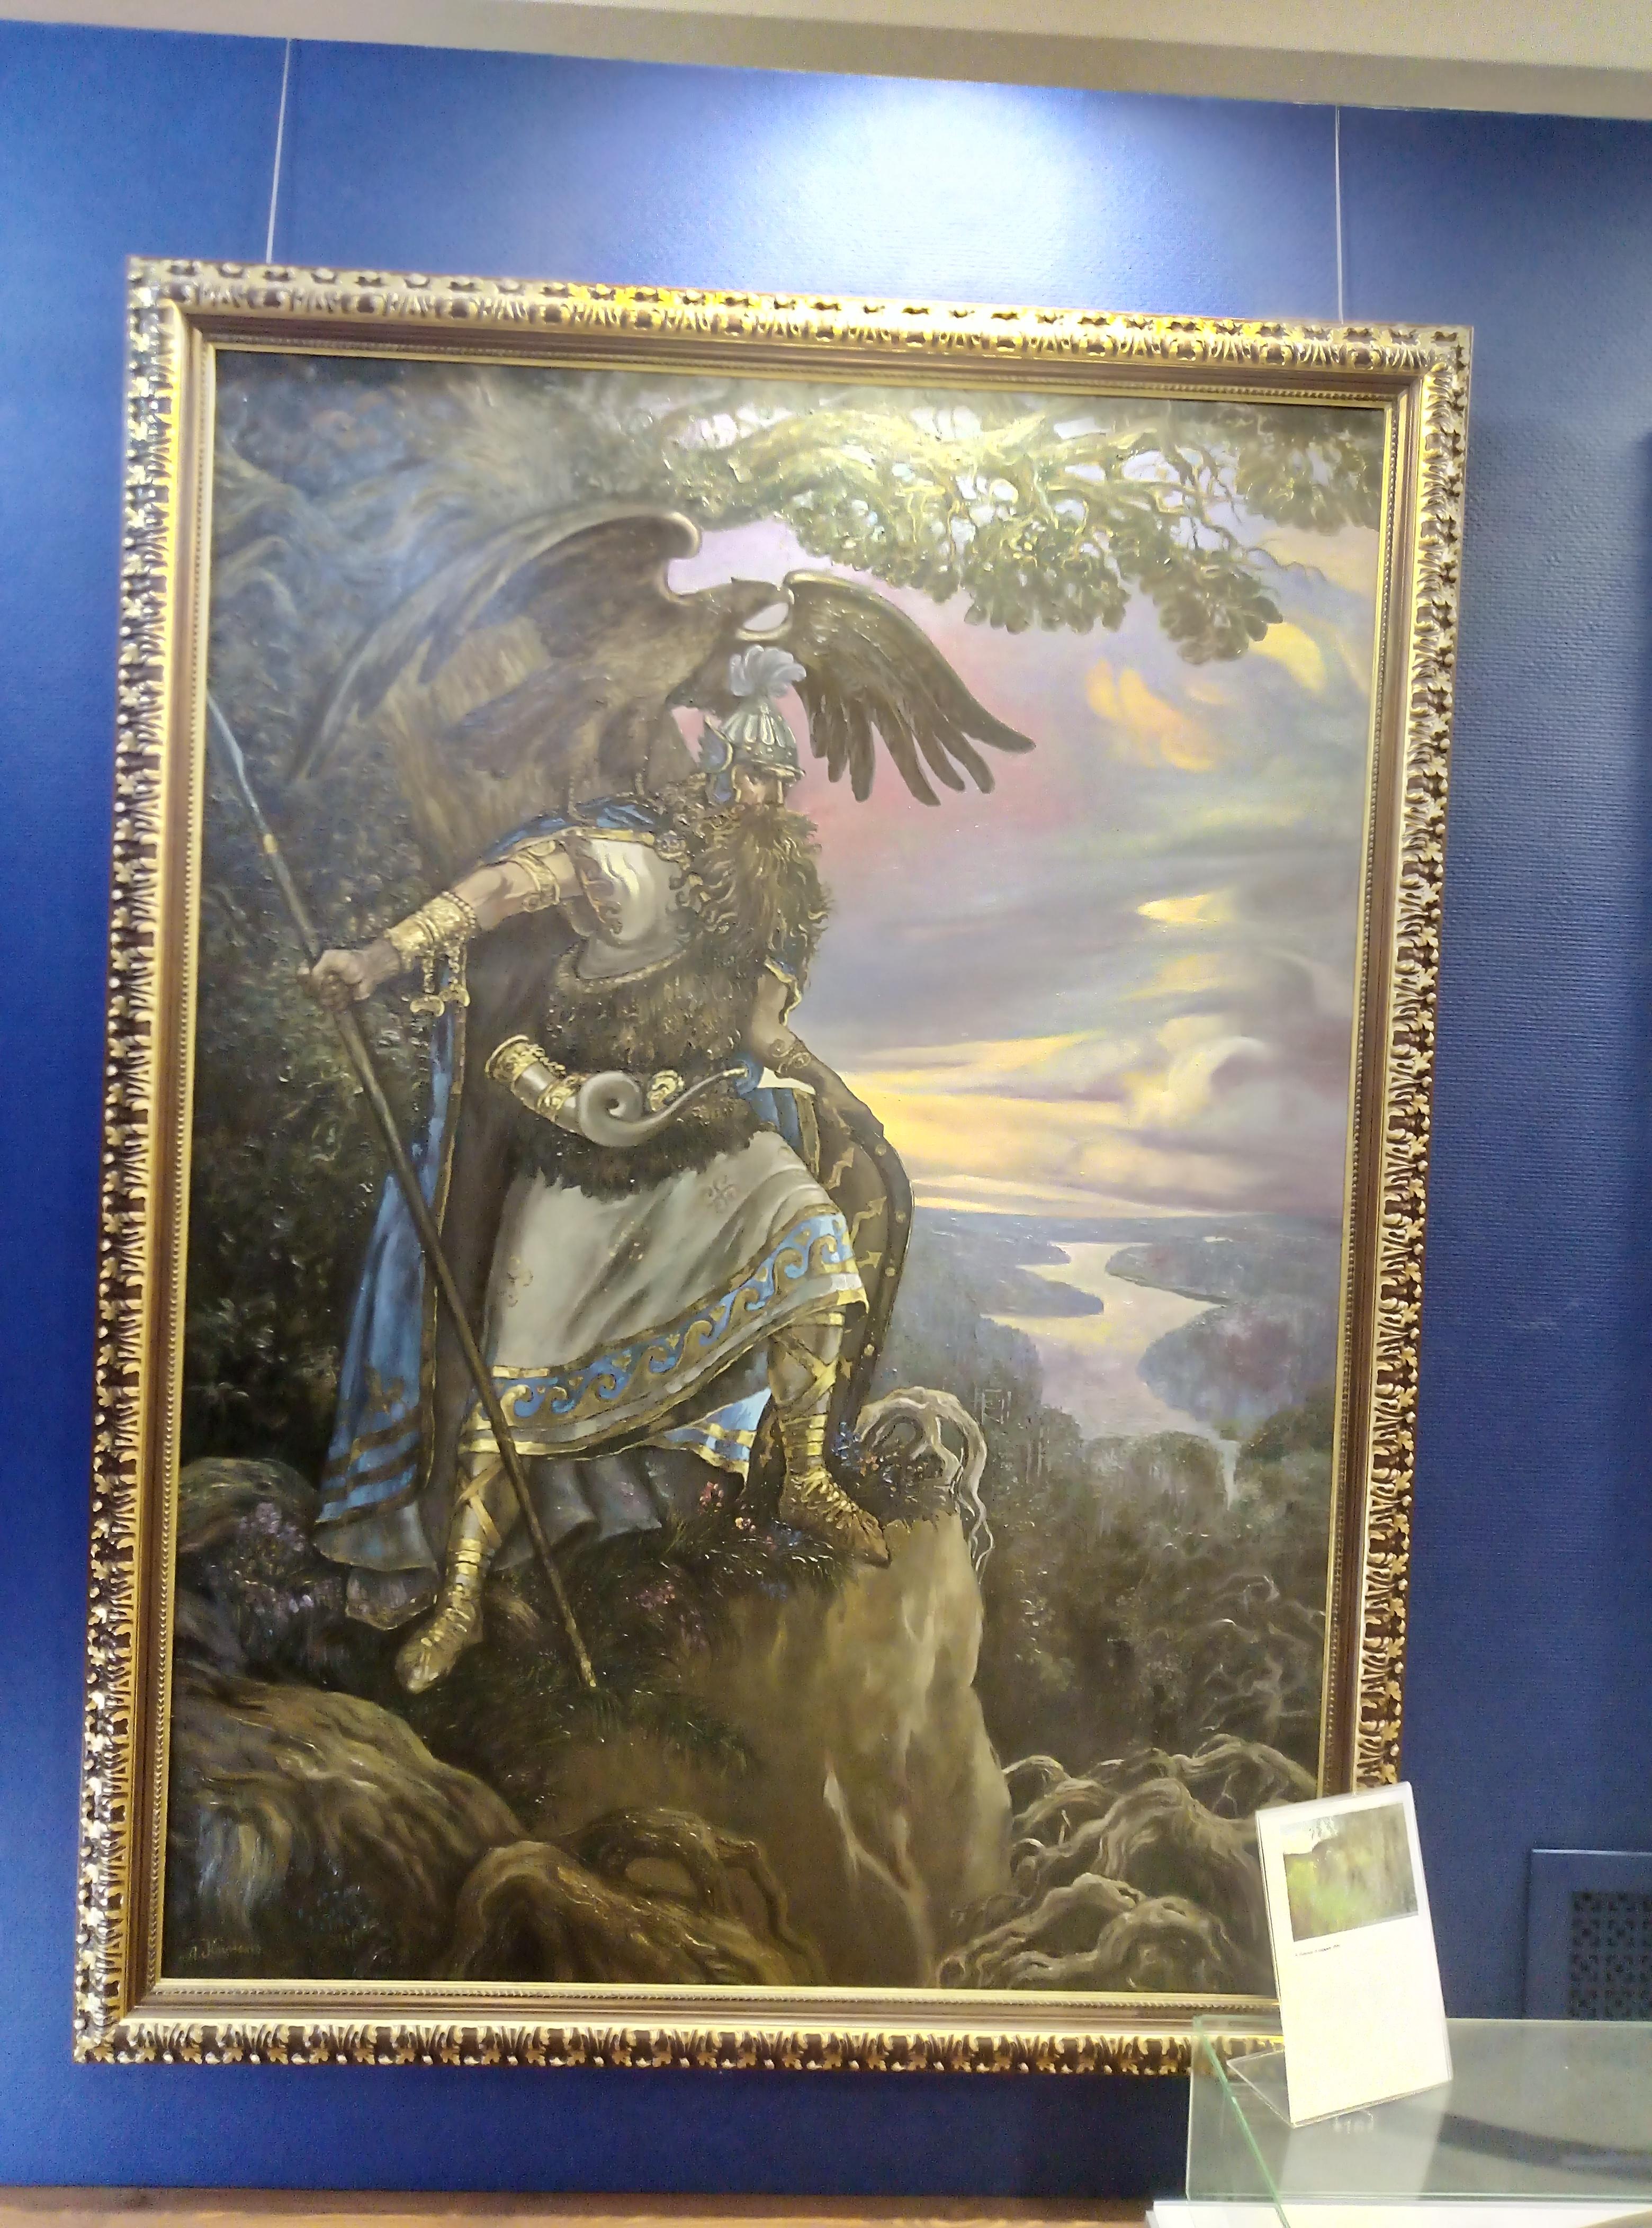 2019 06 28 10 43 41 - O museu da mitologia eslava em Tomsk